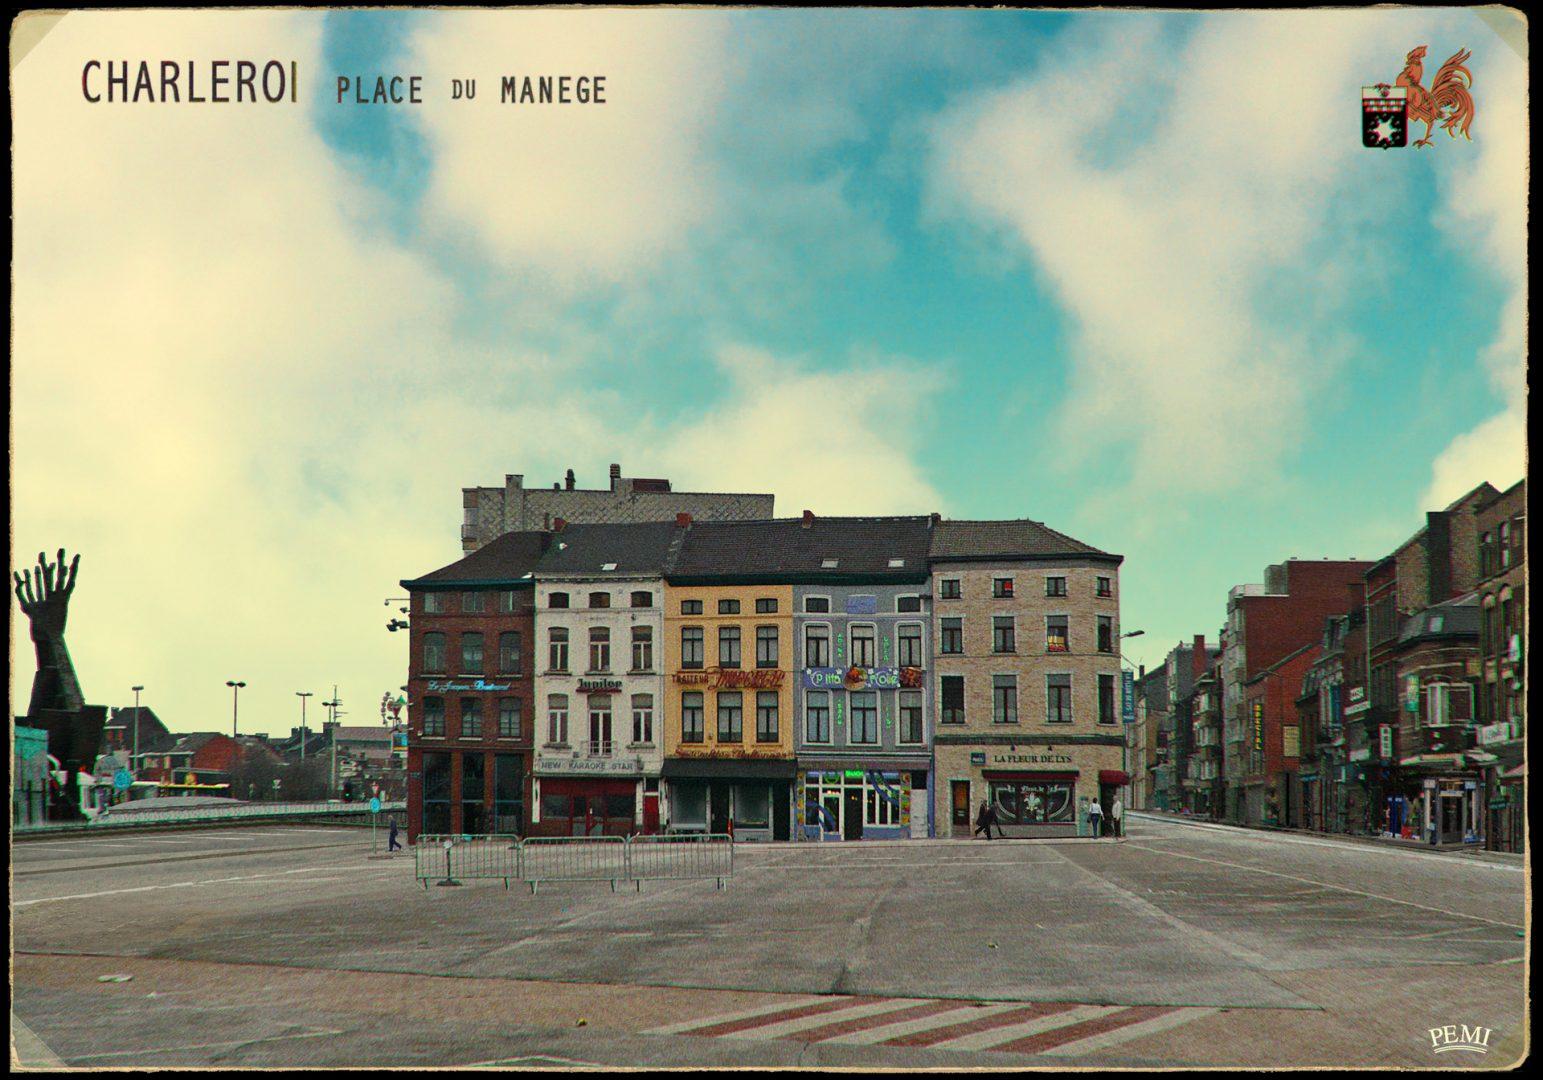 Charleroi013-1543x1080.jpg